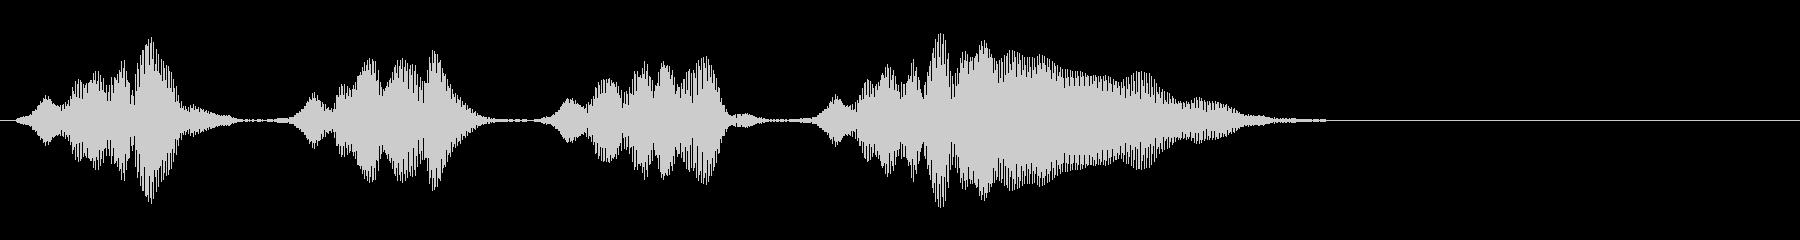 KANTニャニャ自主規制音4shortの未再生の波形